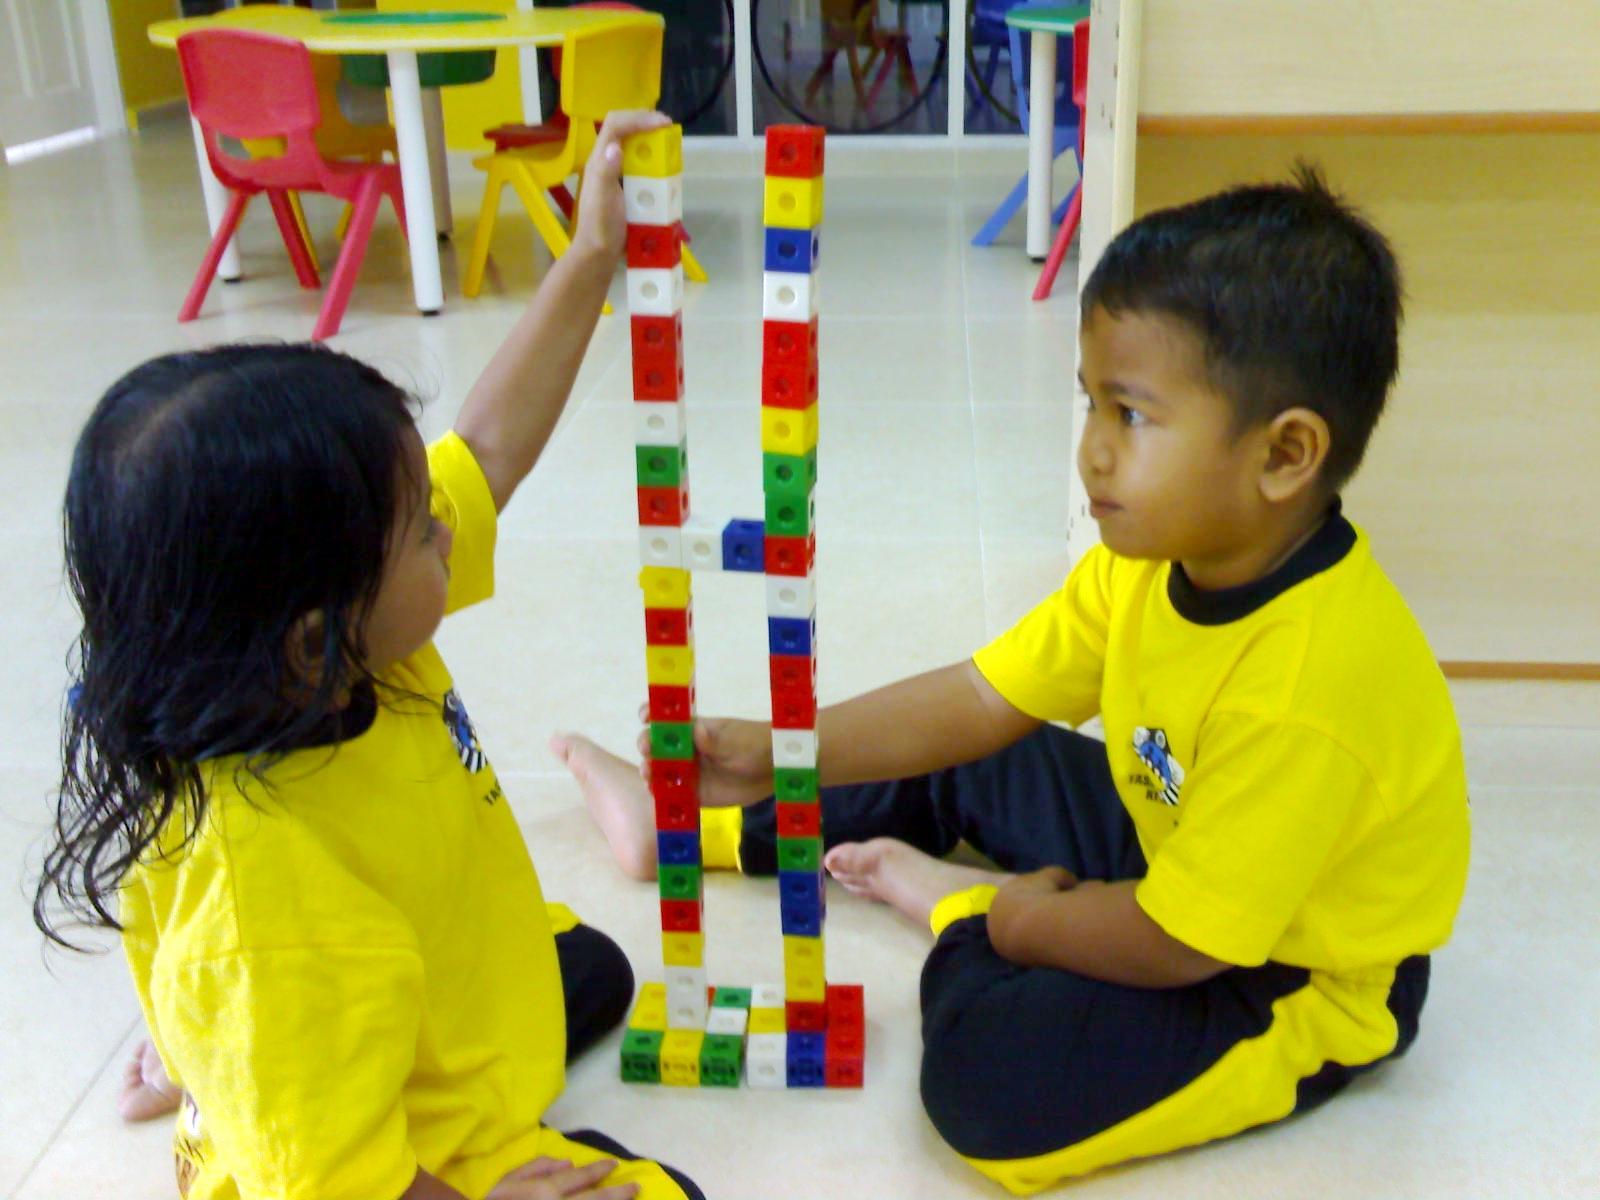 belajar. Bermain adalah fitrah kanak-kanak. Ia merupakan aktiviti